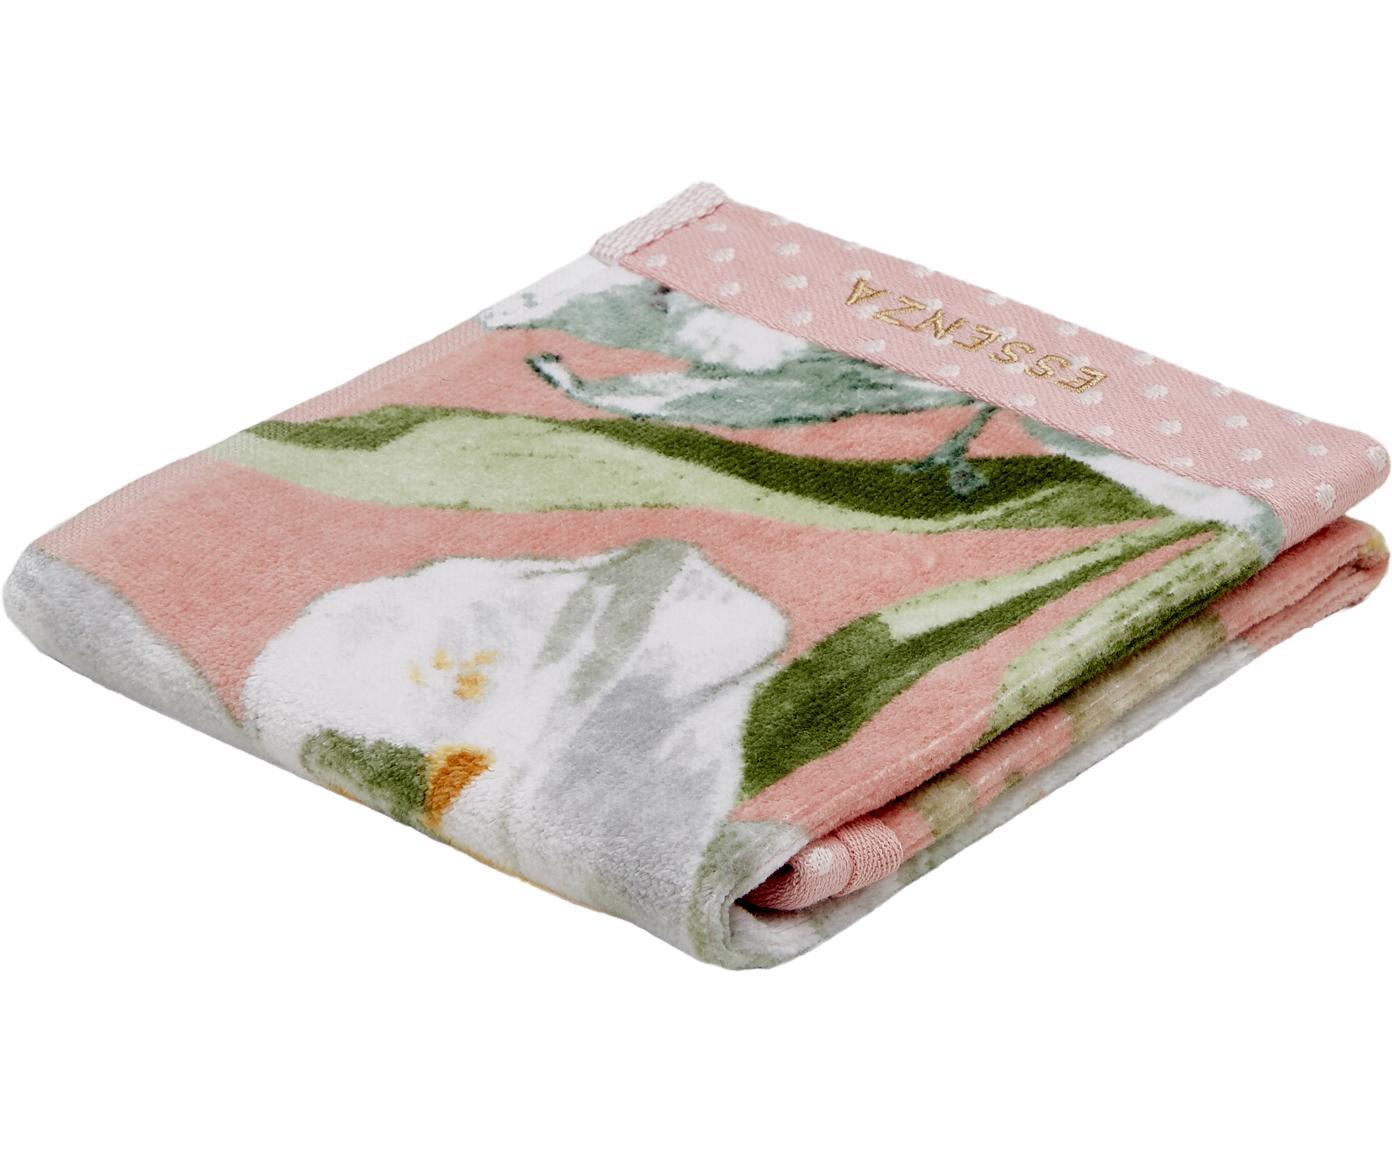 Ręcznik Rosalee, Bawełna, Blady różowy, biały, zielony, pomarańczowy, Ręcznik dla gości